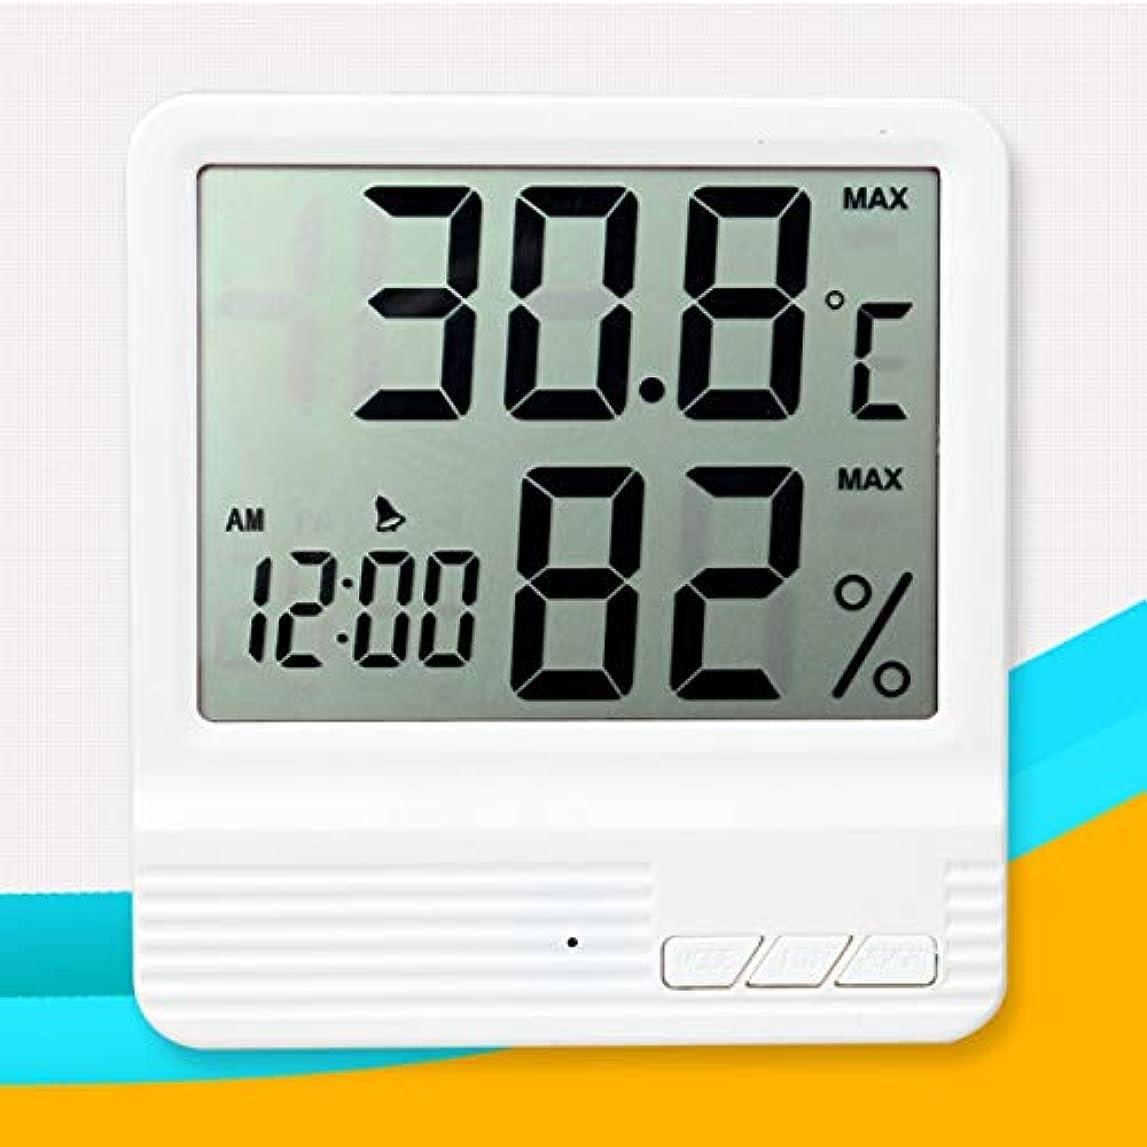 ハード膨張するストリップSaikogoods 電子体温計湿度計 デジタルディスプレイ 温度湿度モニター アラーム時計 屋内家庭用 白